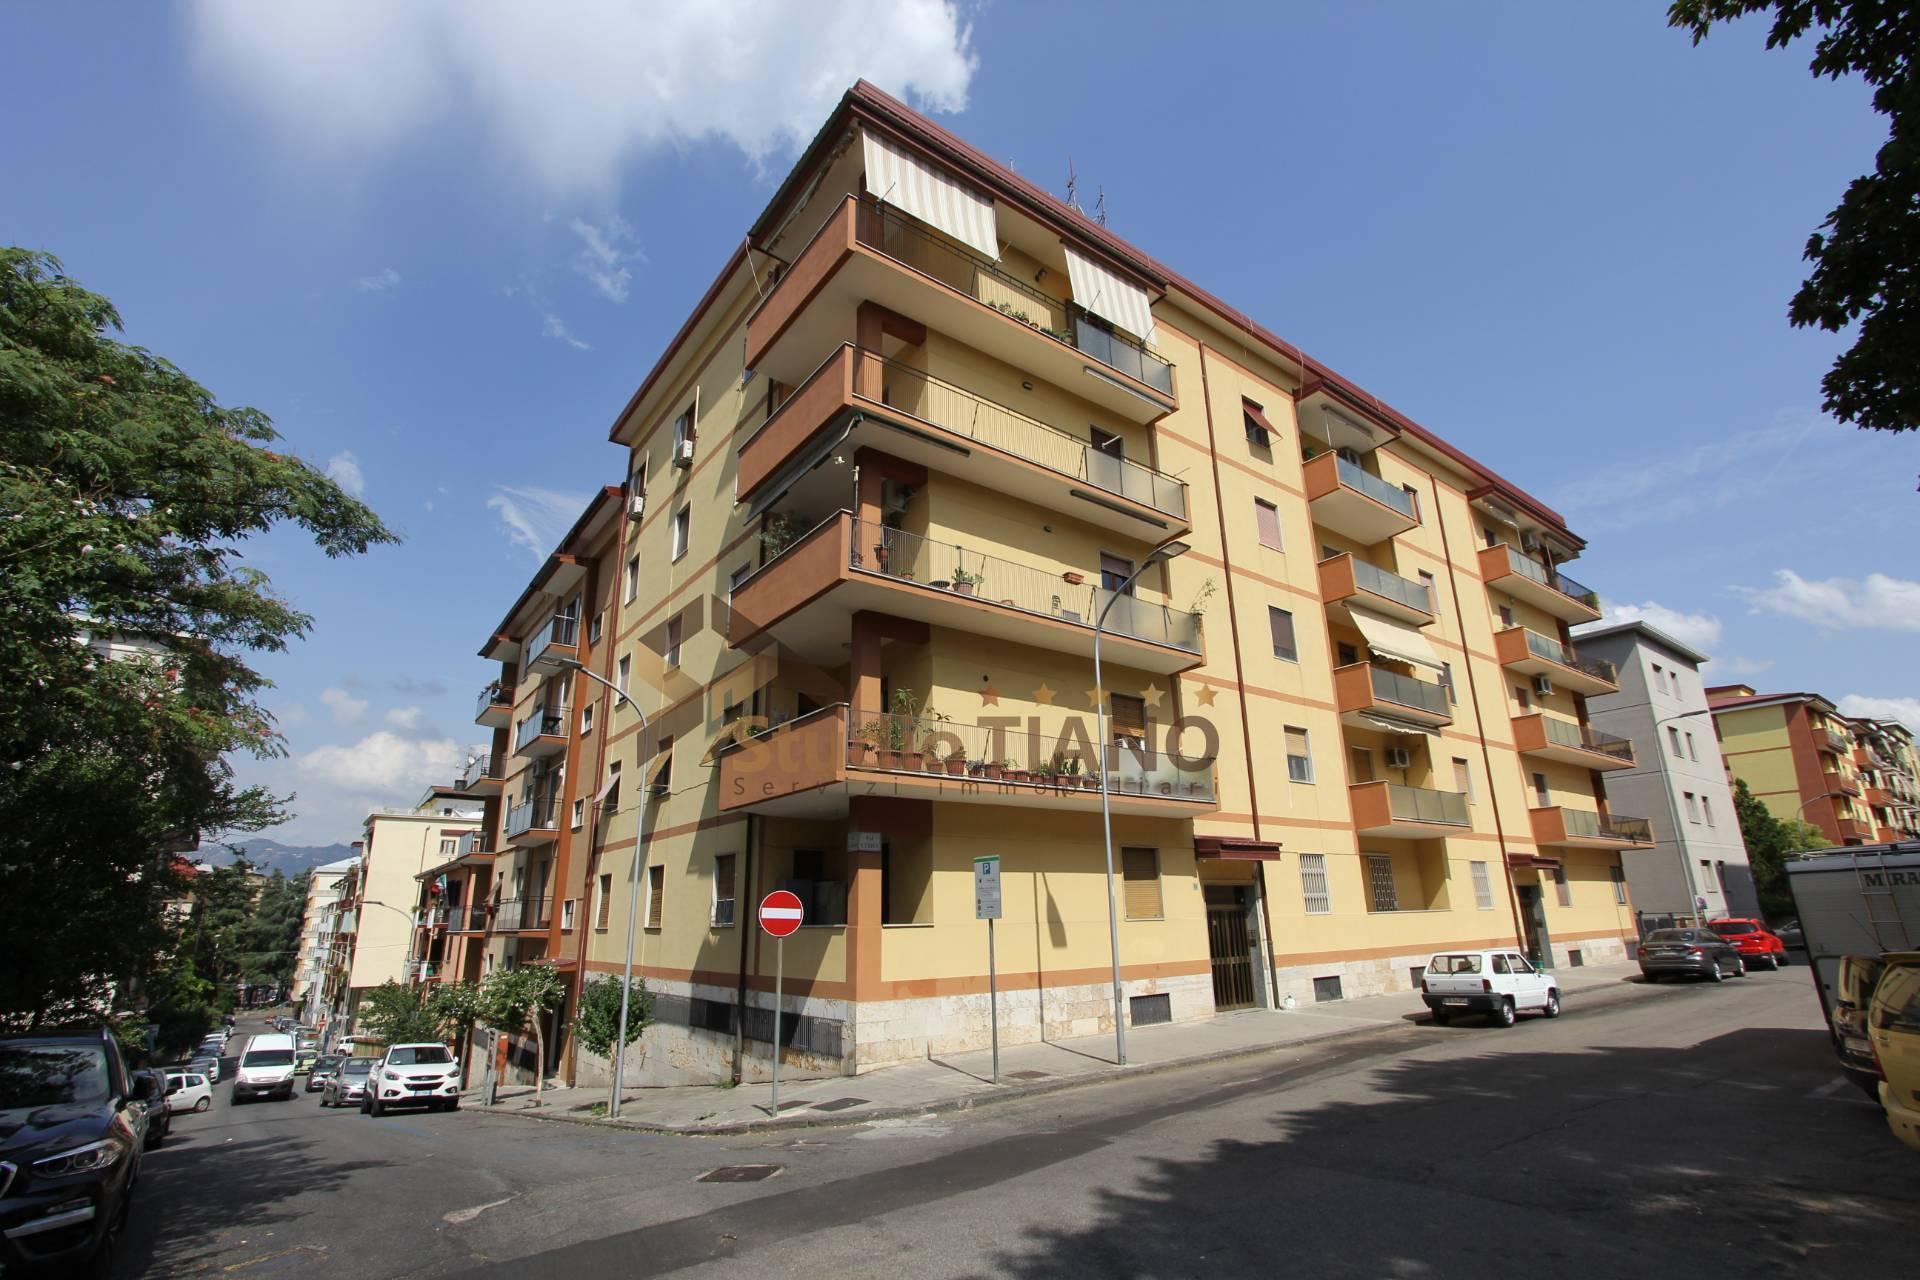 Appartamento, 129 Mq, Vendita - Cosenza (Cosenza)